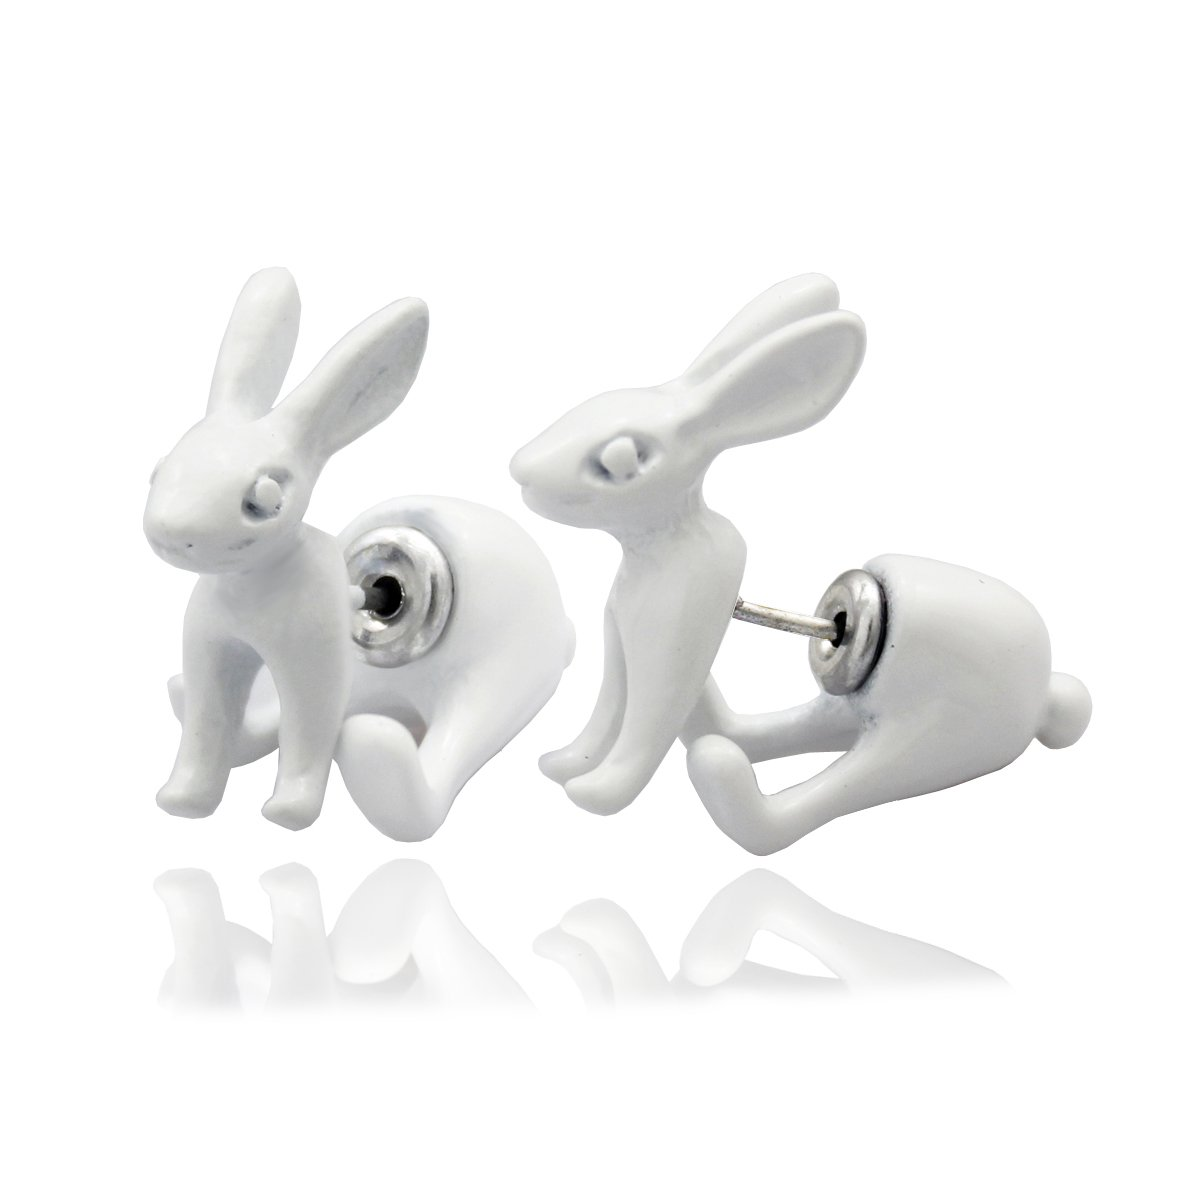 Q & Q Mode 1paire 3d Blanc Mars lièvre Lapin Alice au pays des merveilles Boucles d'oreilles clous d'oreille Q&Q Fashion B06XV5Z7FD_US